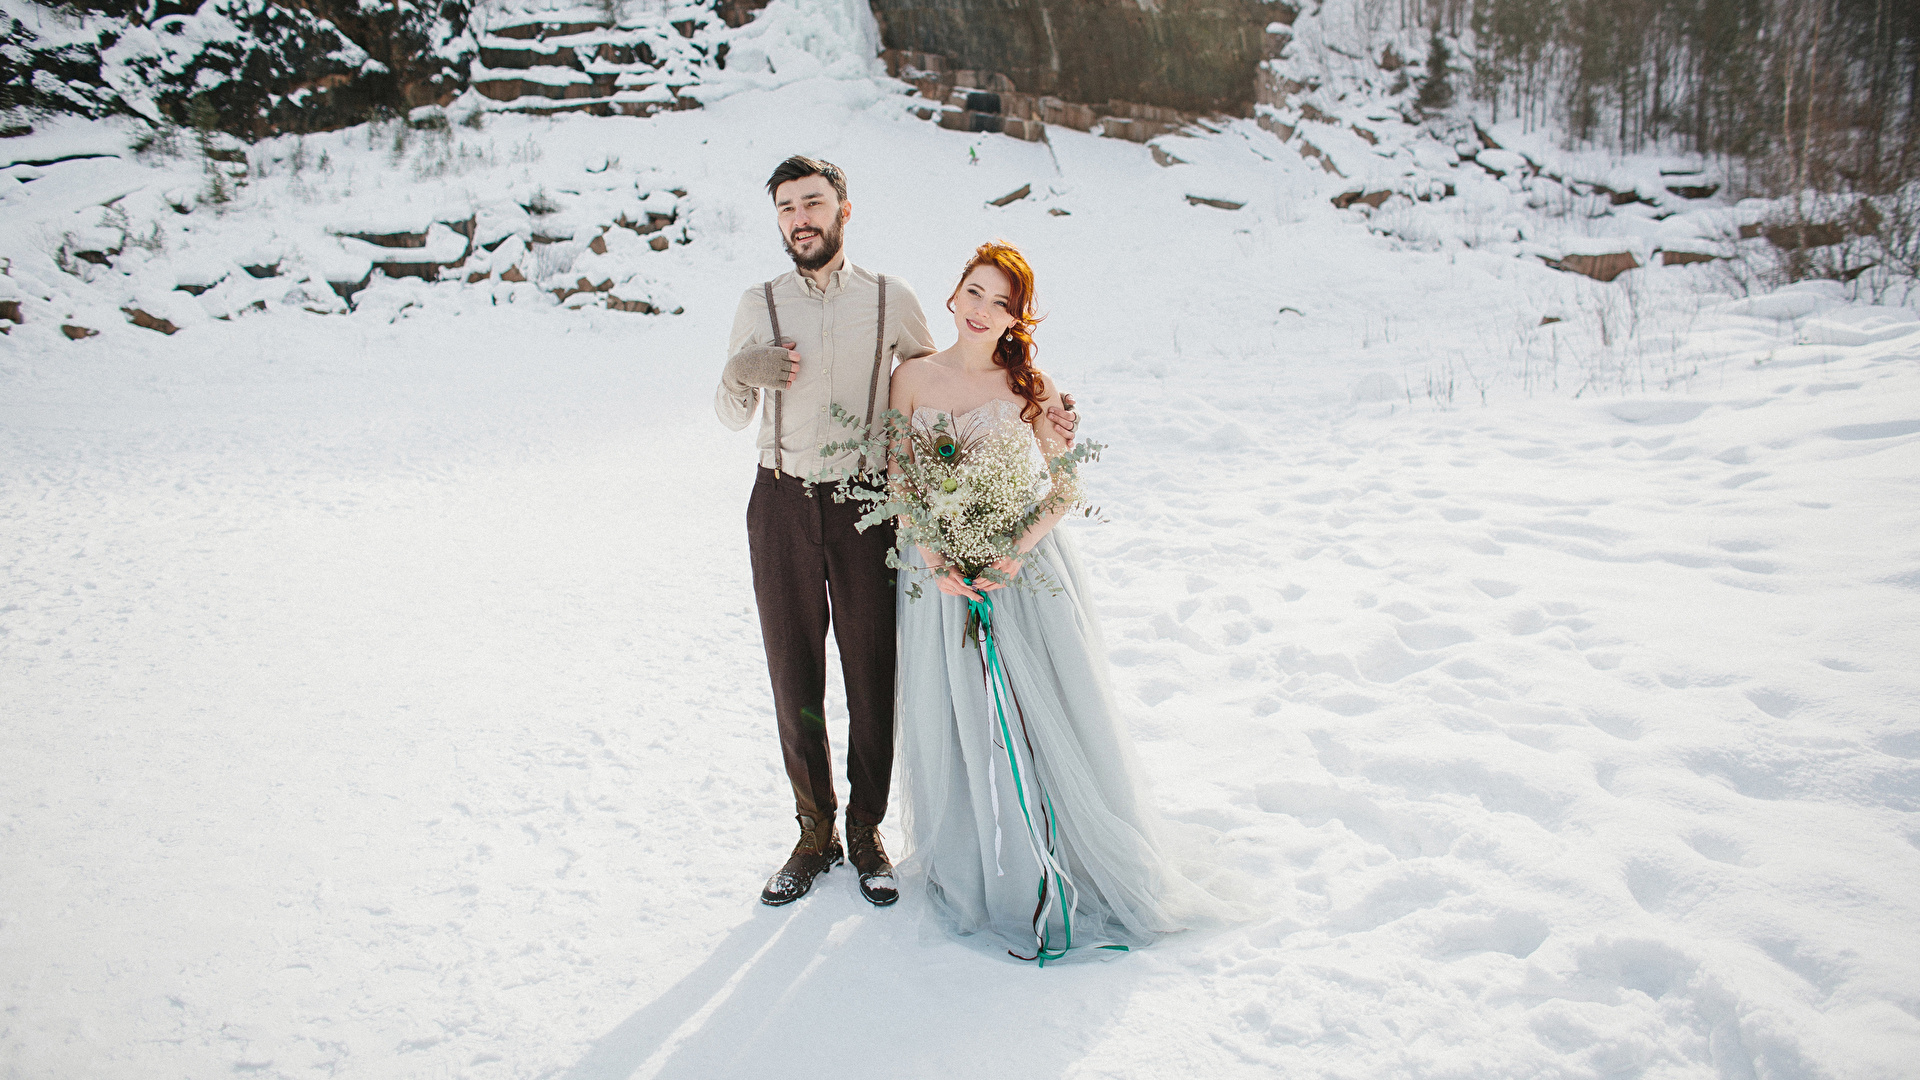 Fotos Bräutigam Brautpaar Sträuße Liebe Winter Mädchens Kleid 1920x1080